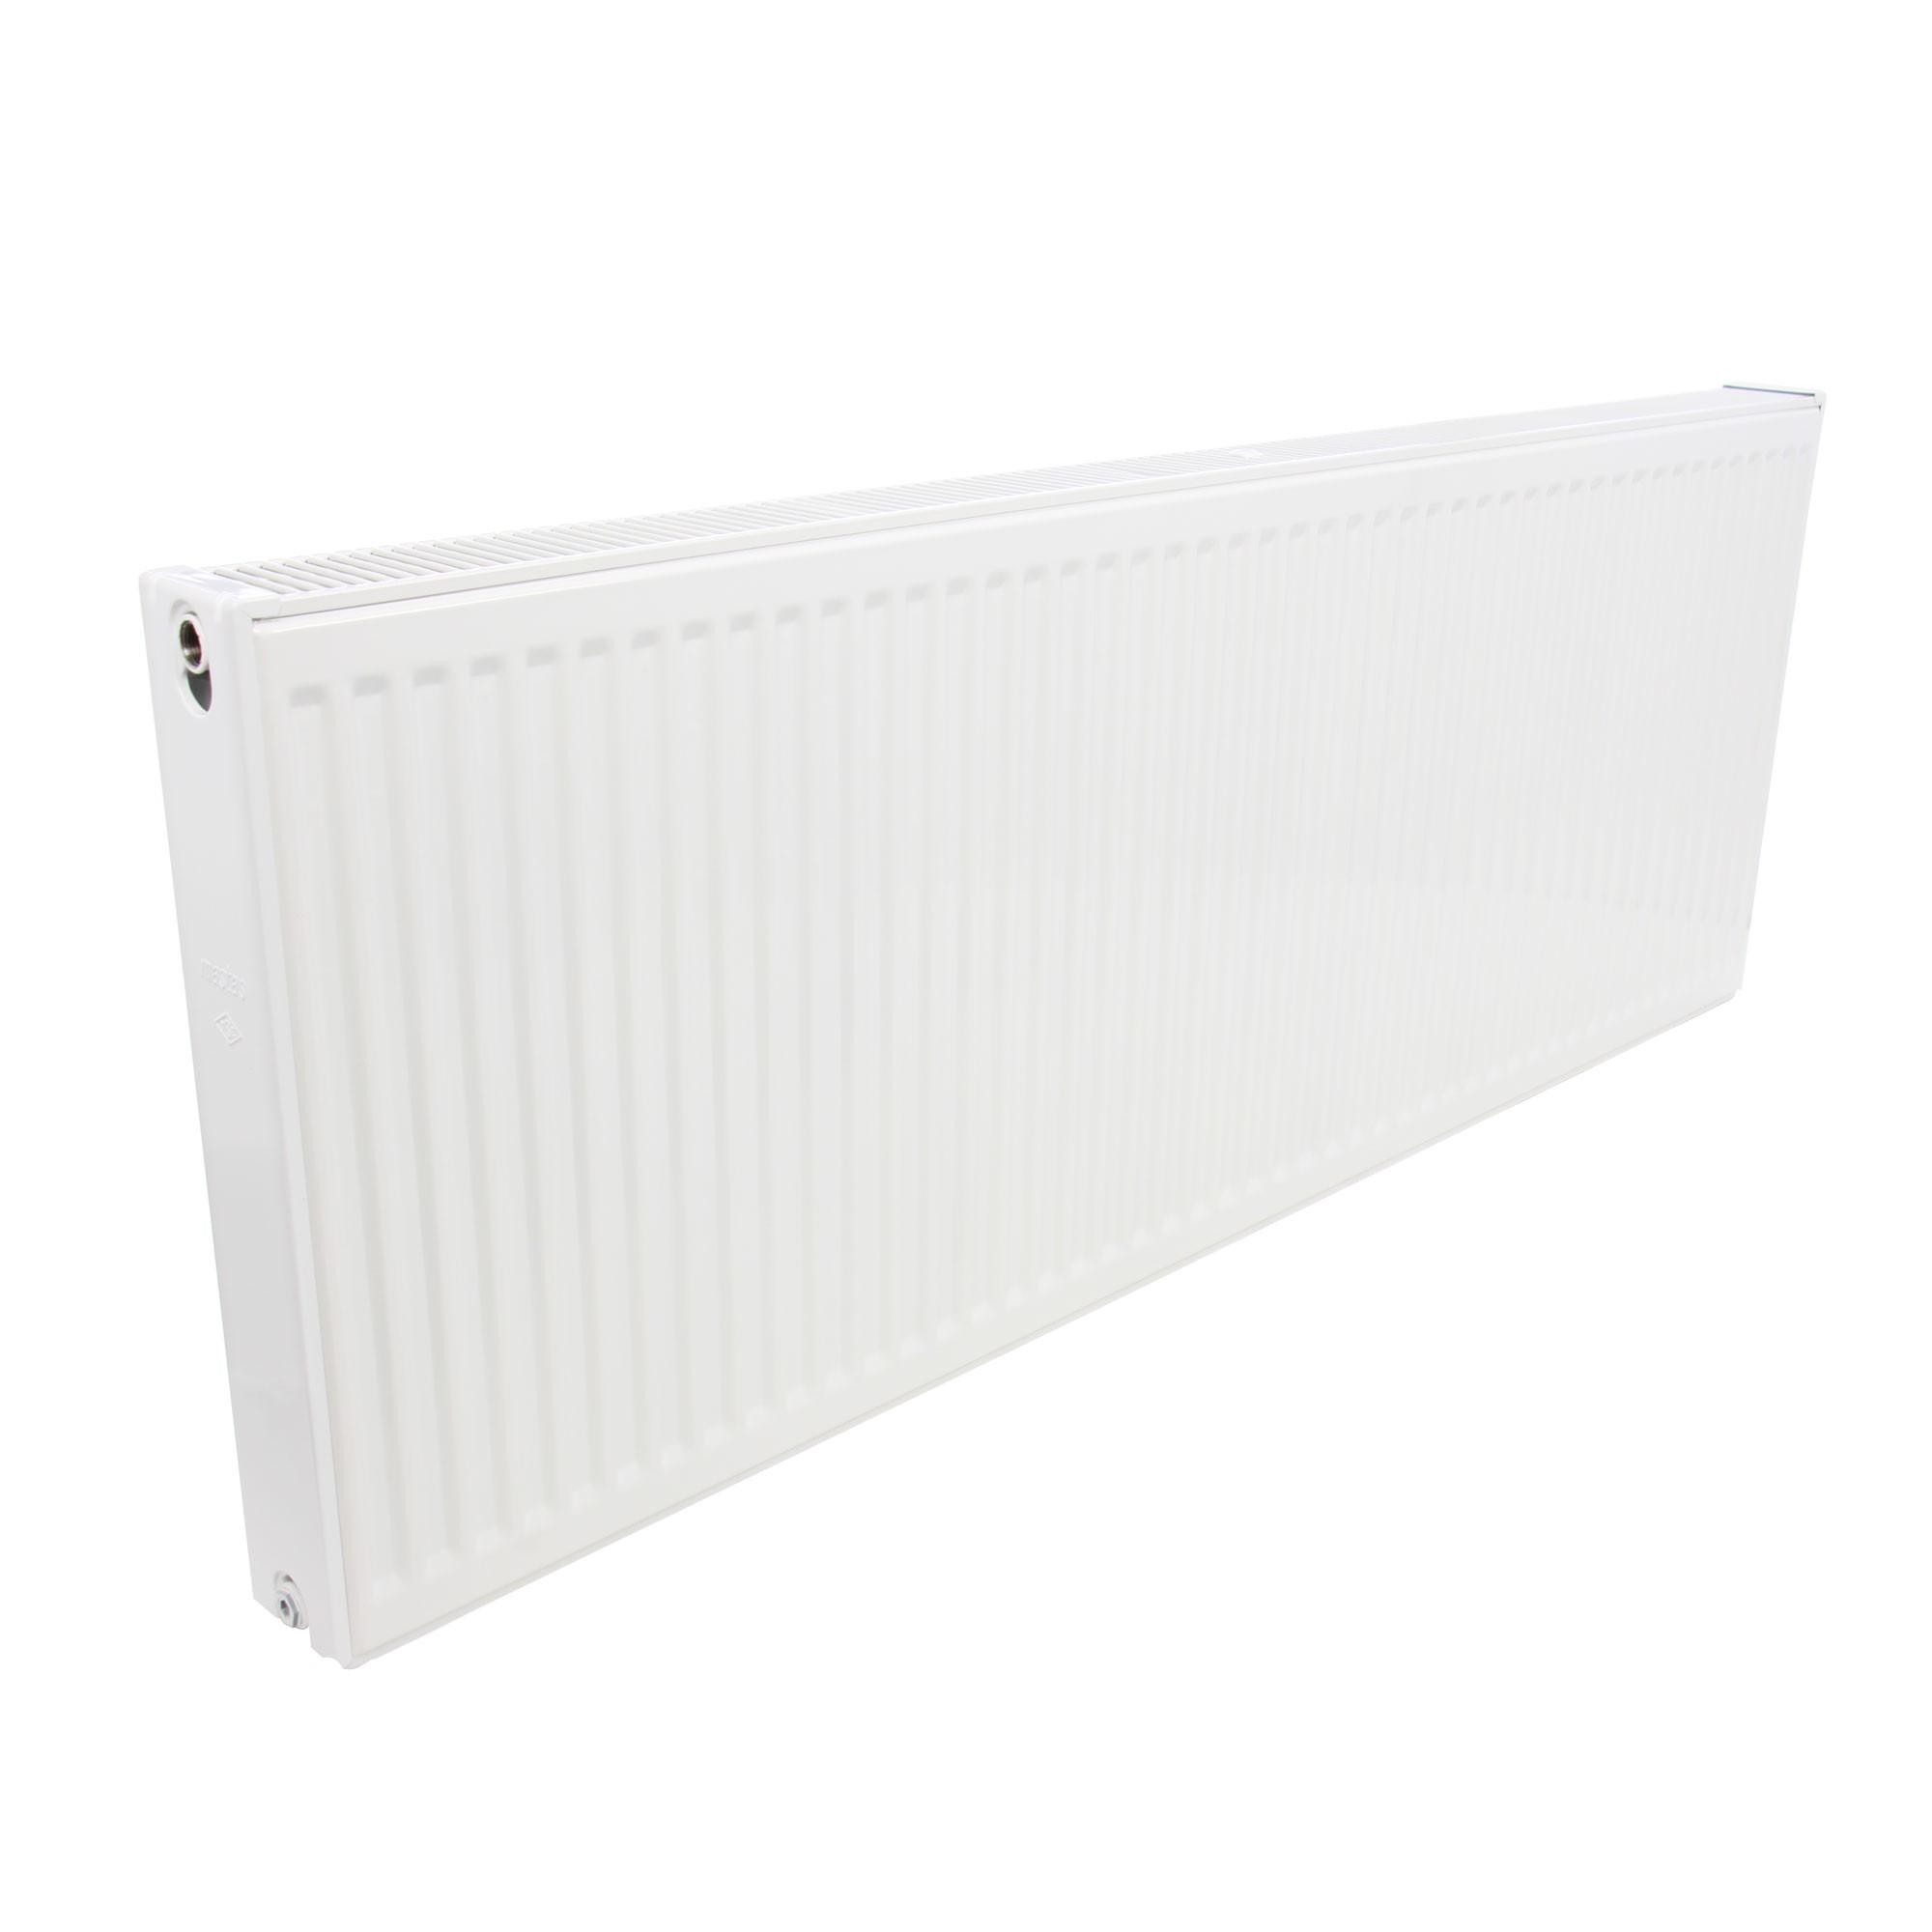 Radiator (calorifer) otel VIGO 22, 600 x 1600 mm, accesorii incluse imagine fornello.ro